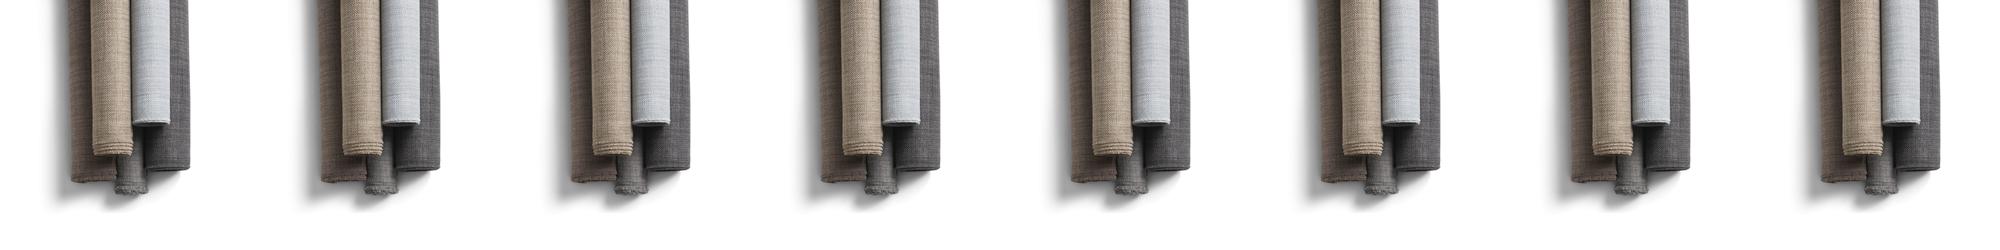 Crypton-fabric-row